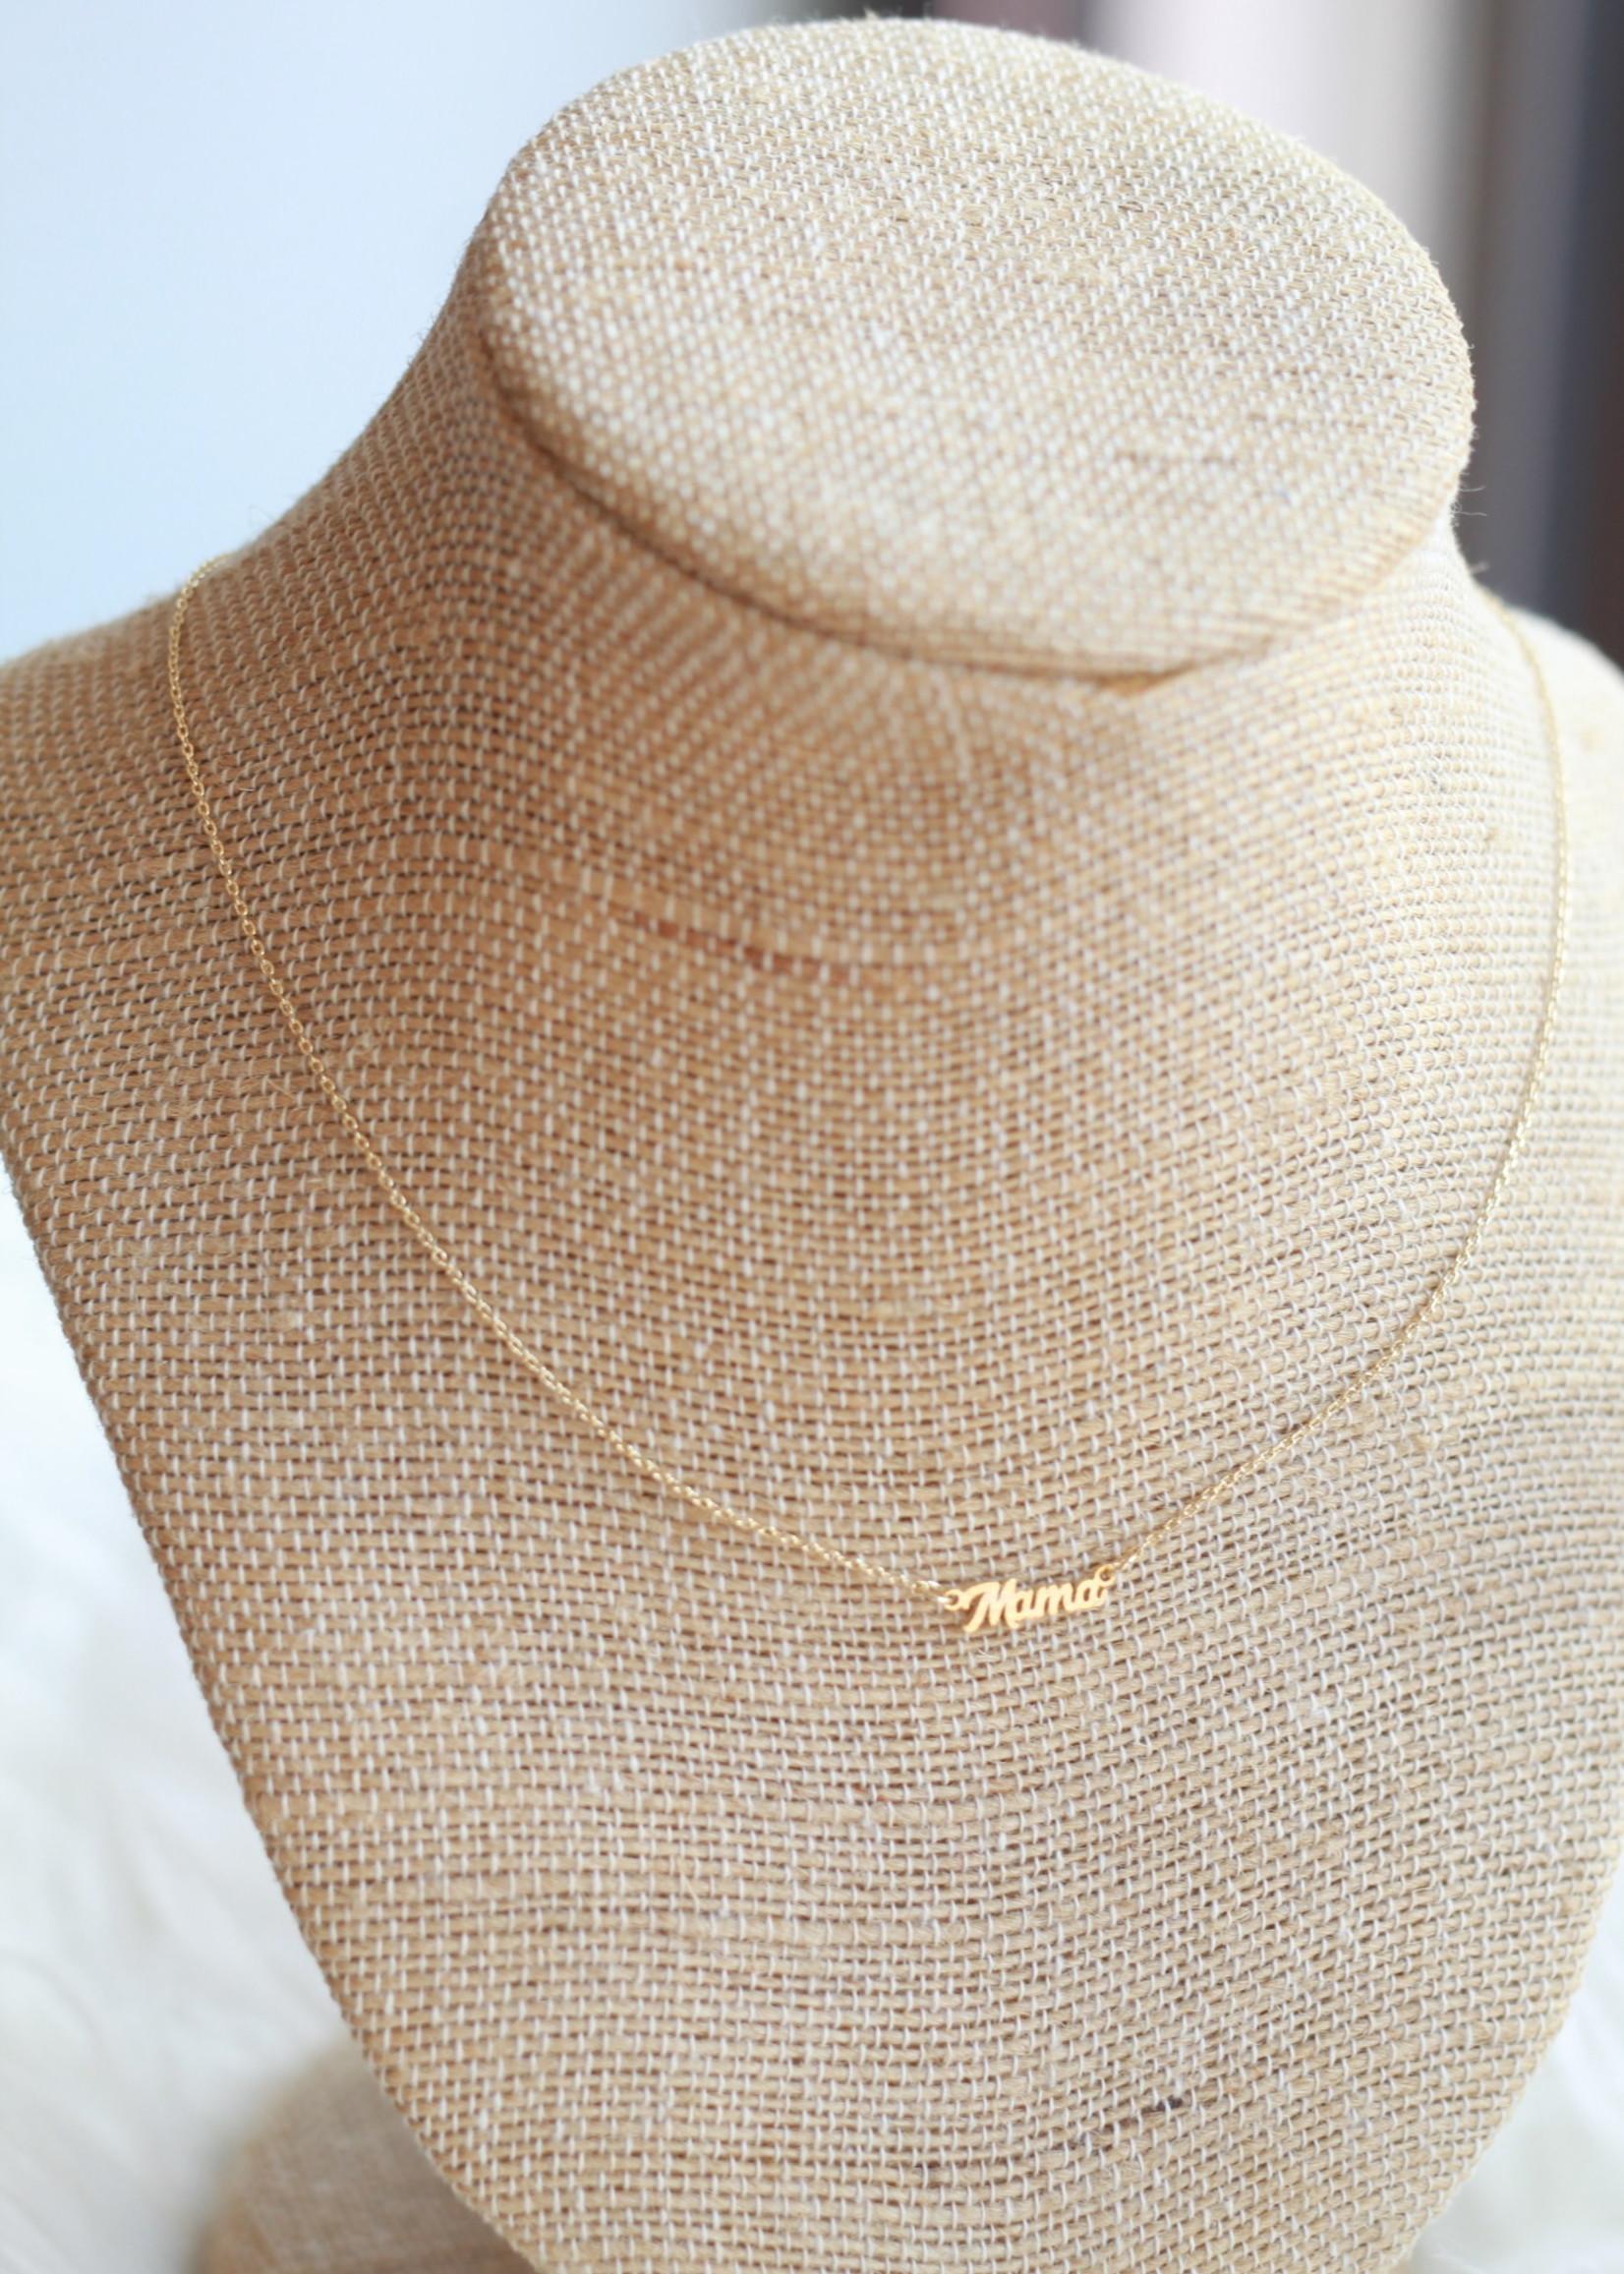 Local Squirrel Originals Dainty Cursive Gold Mama Necklace